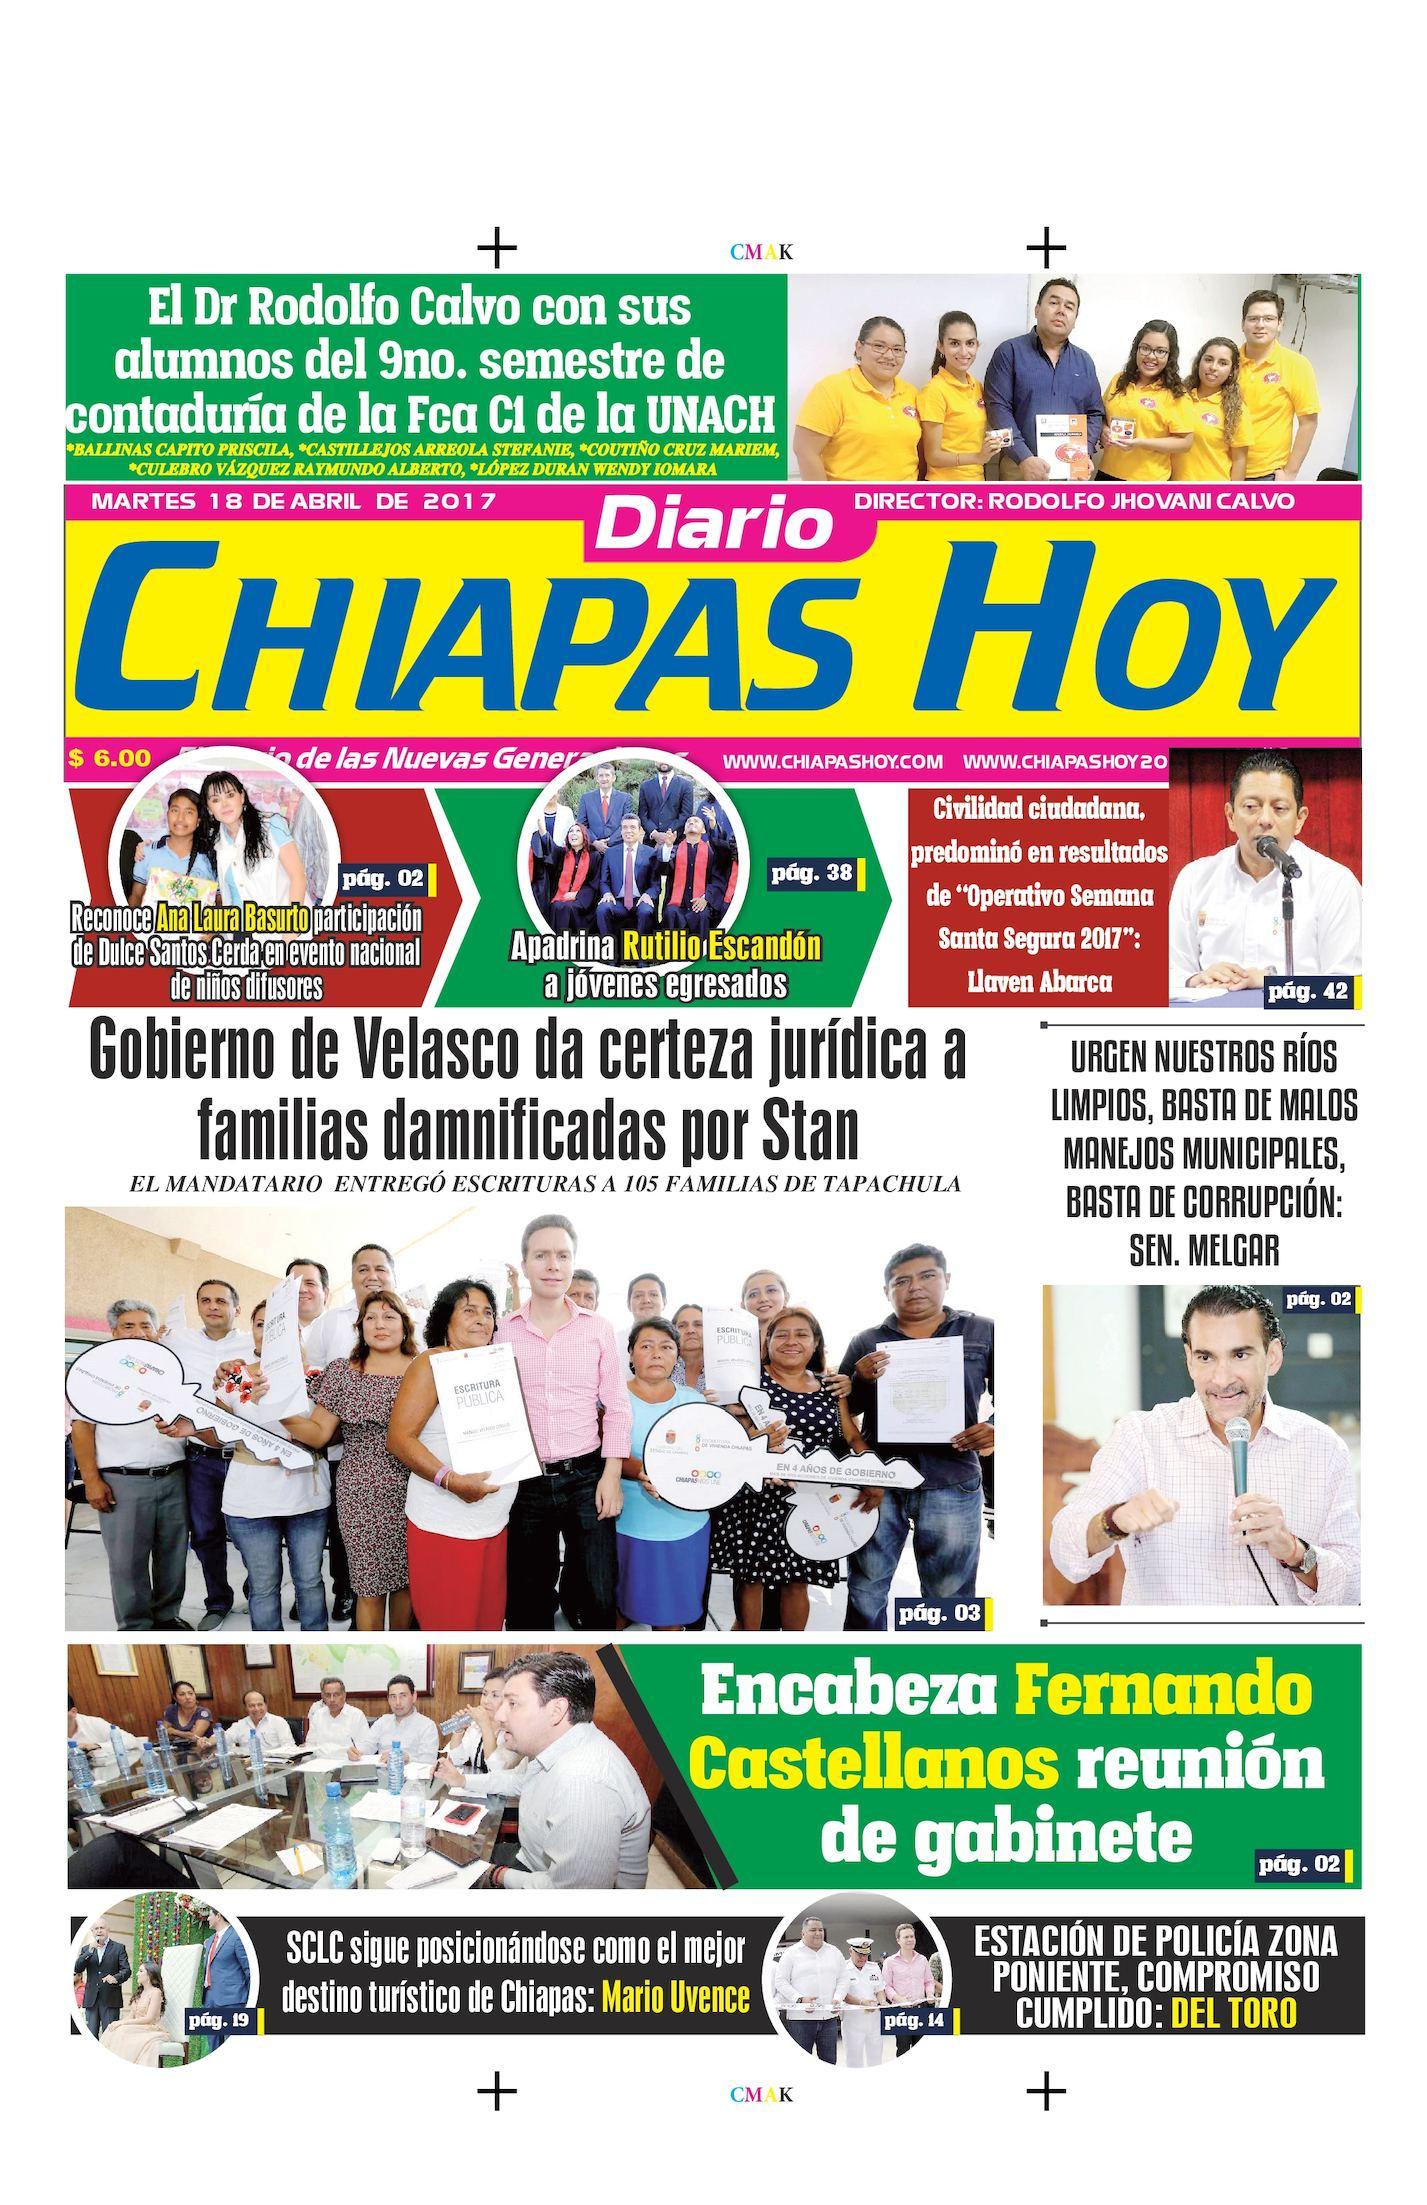 CHIAPAS HOY 18 DE ABRIL